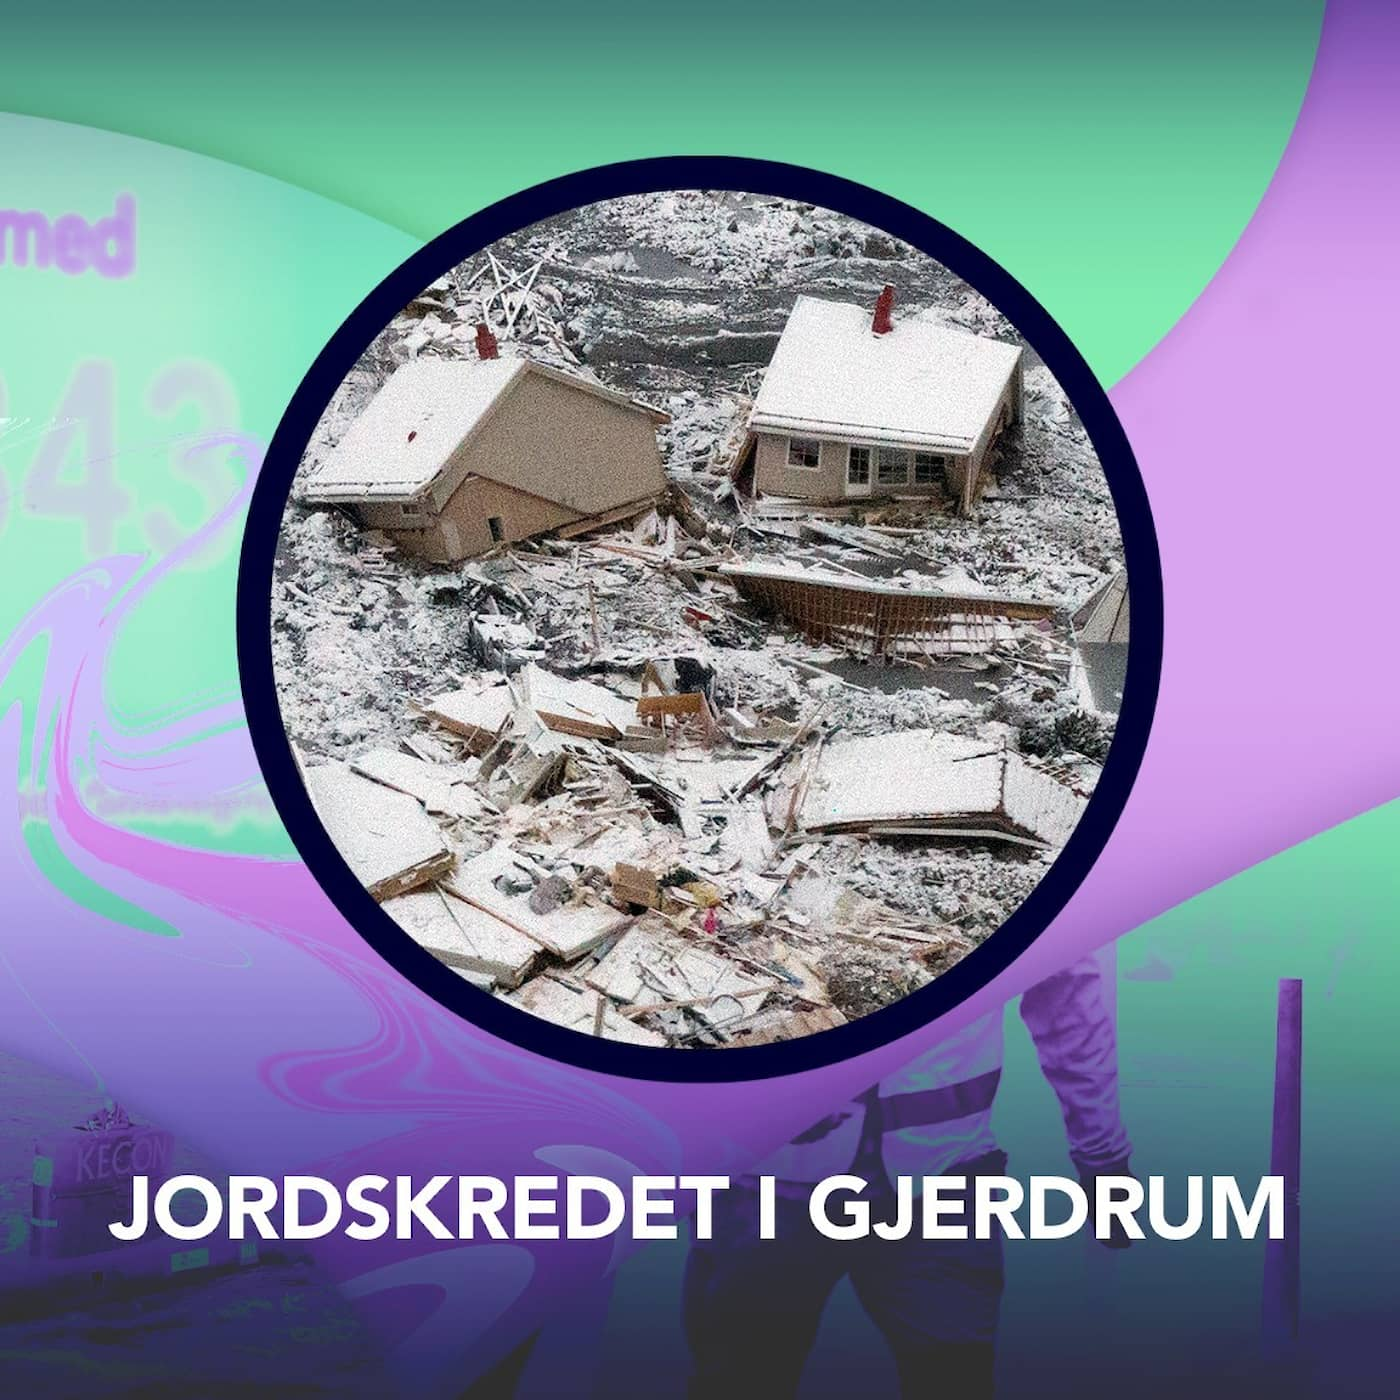 Jordskredet i Gjerdrum – P3 Nyheter Dokumentär